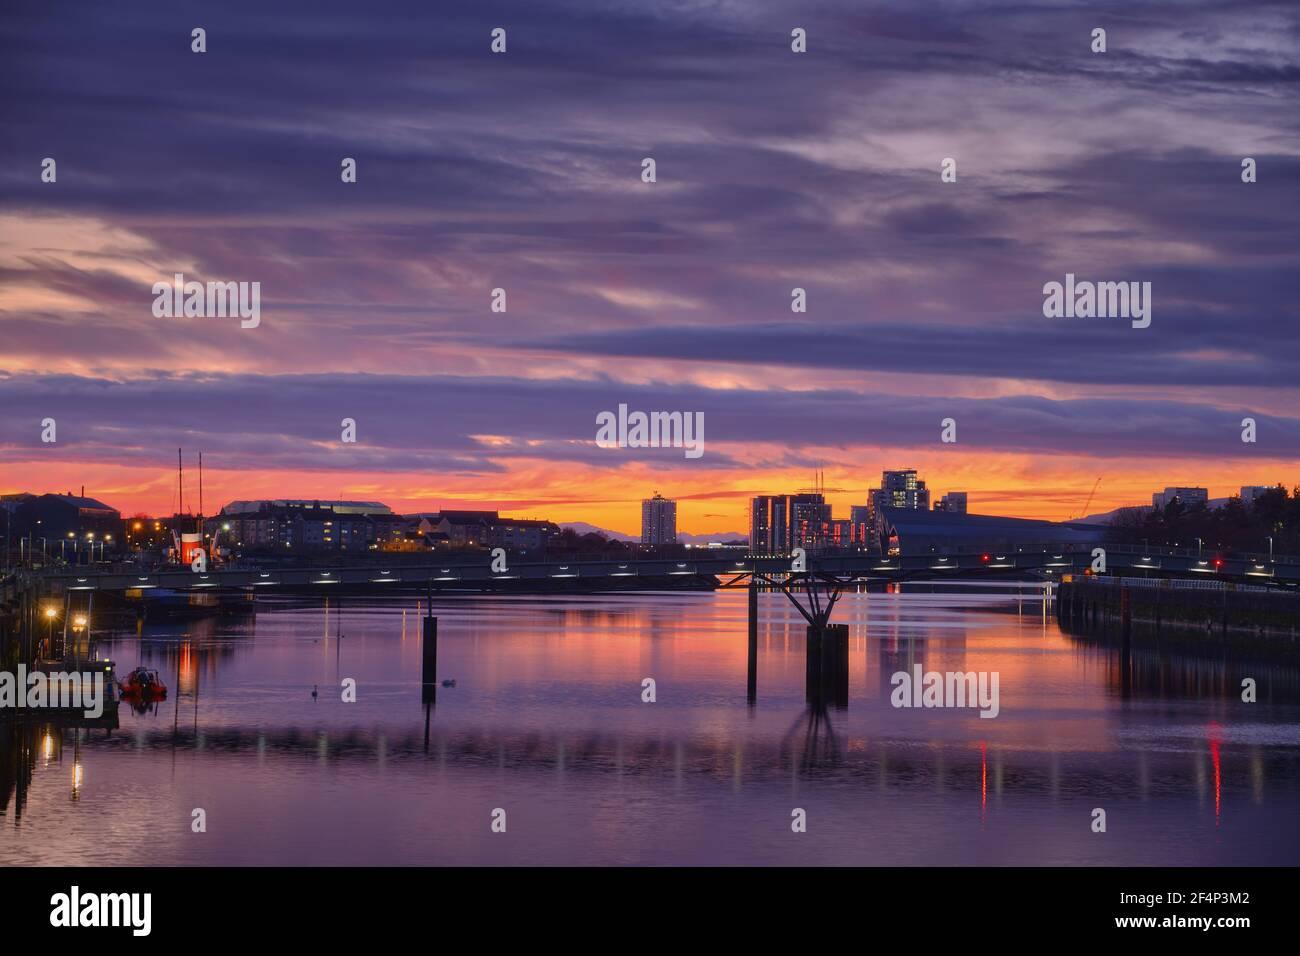 Vue imprenable sur la rivière Clyde et le coucher du soleil, Glasgow, Écosse Banque D'Images